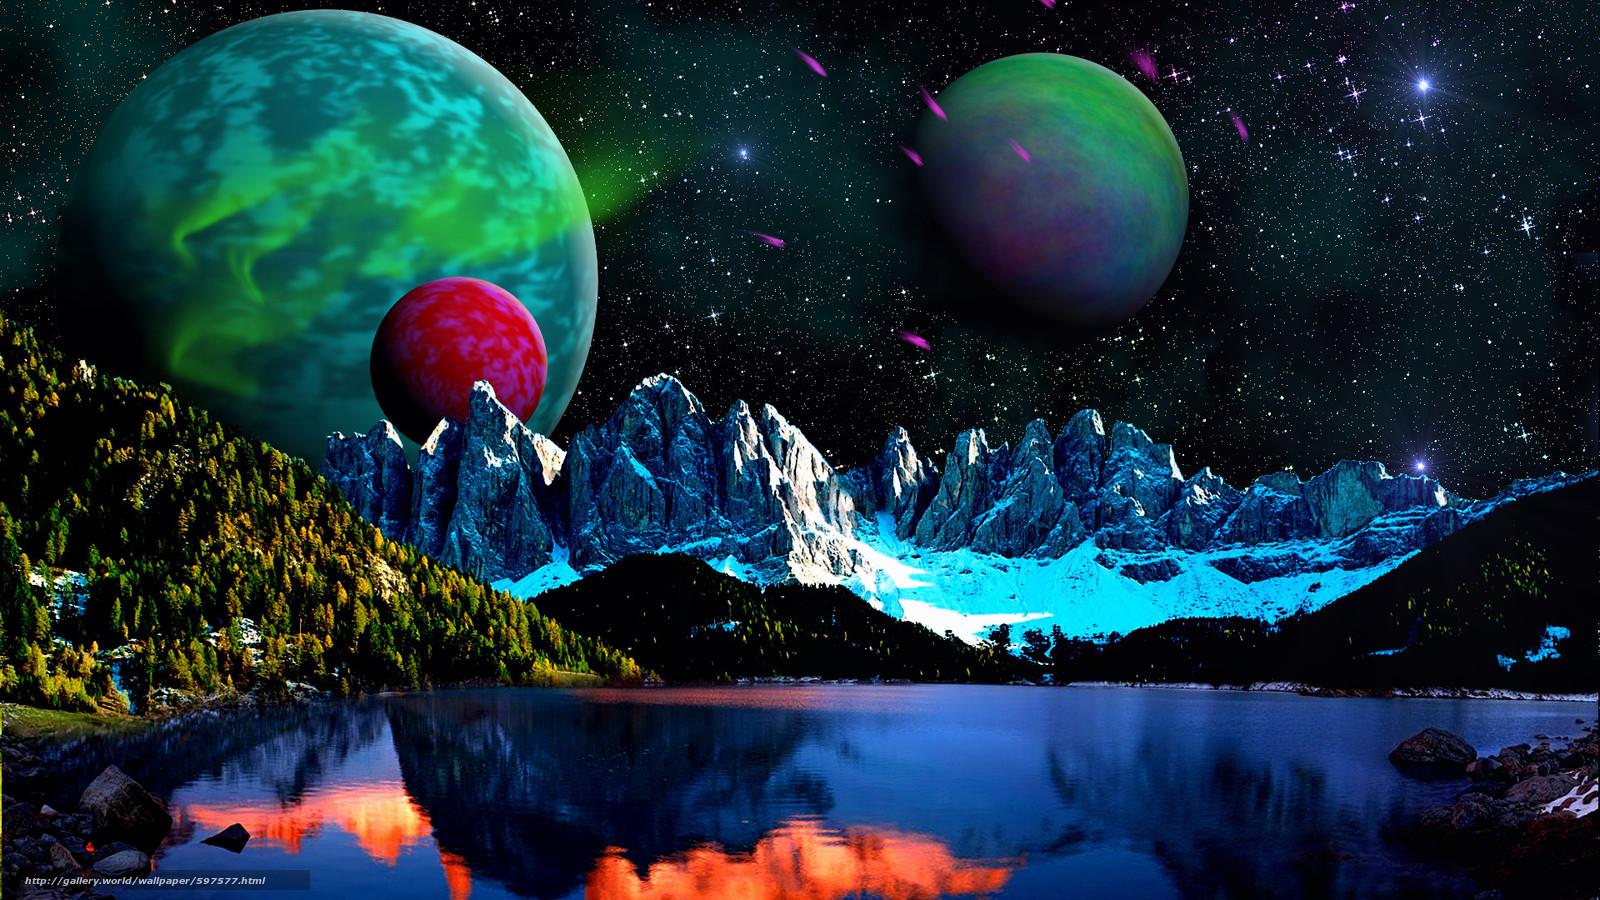 Скачать на телефон обои фото картинку на тему озеро, горы, небо, планеты, разширение 1920x1080